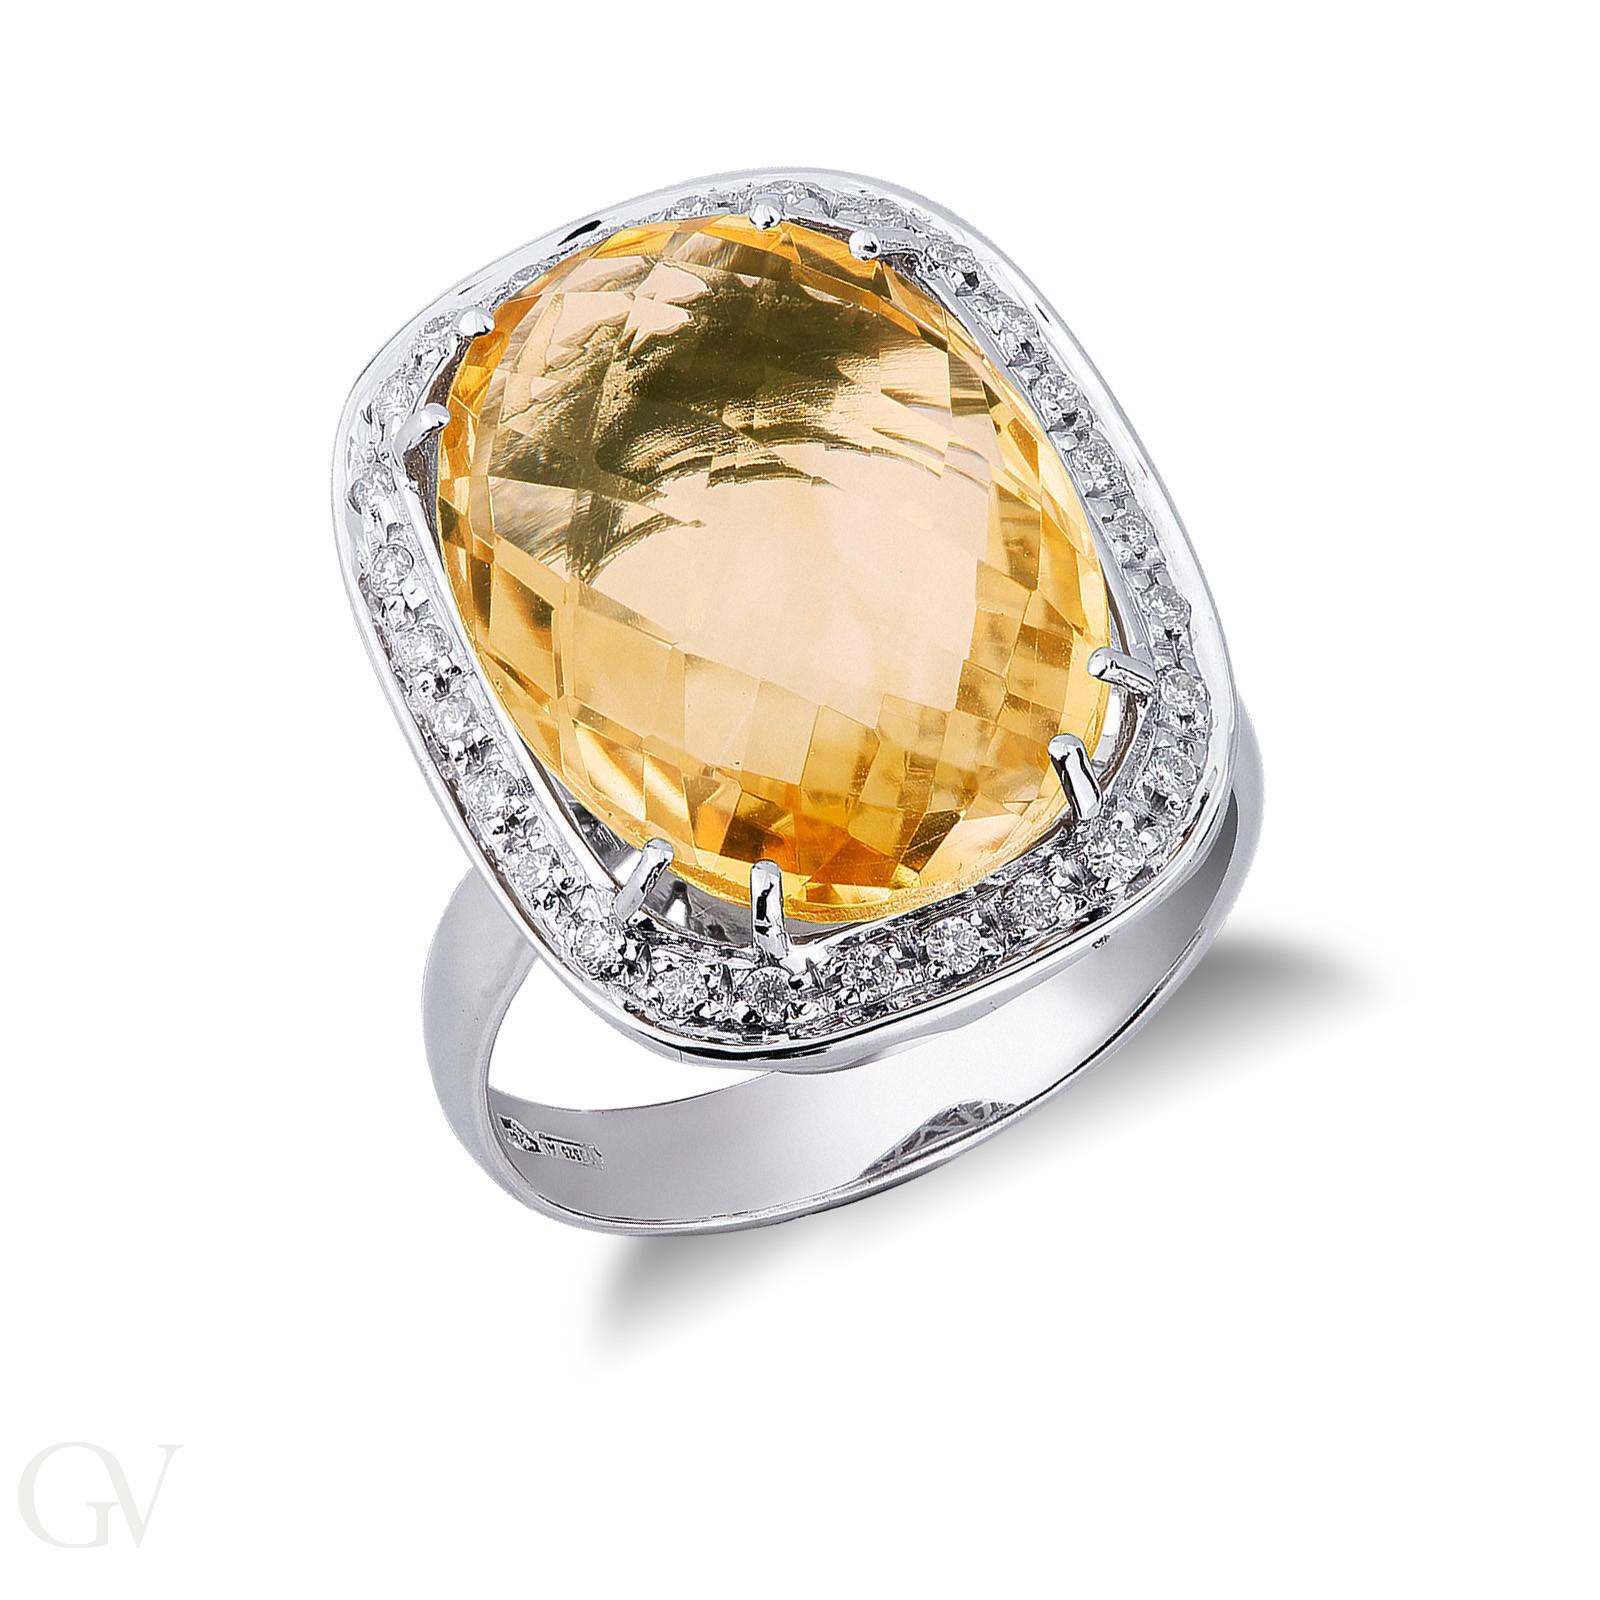 Anello contorno in oro bianco 18k con topazio citrino e diamanti.